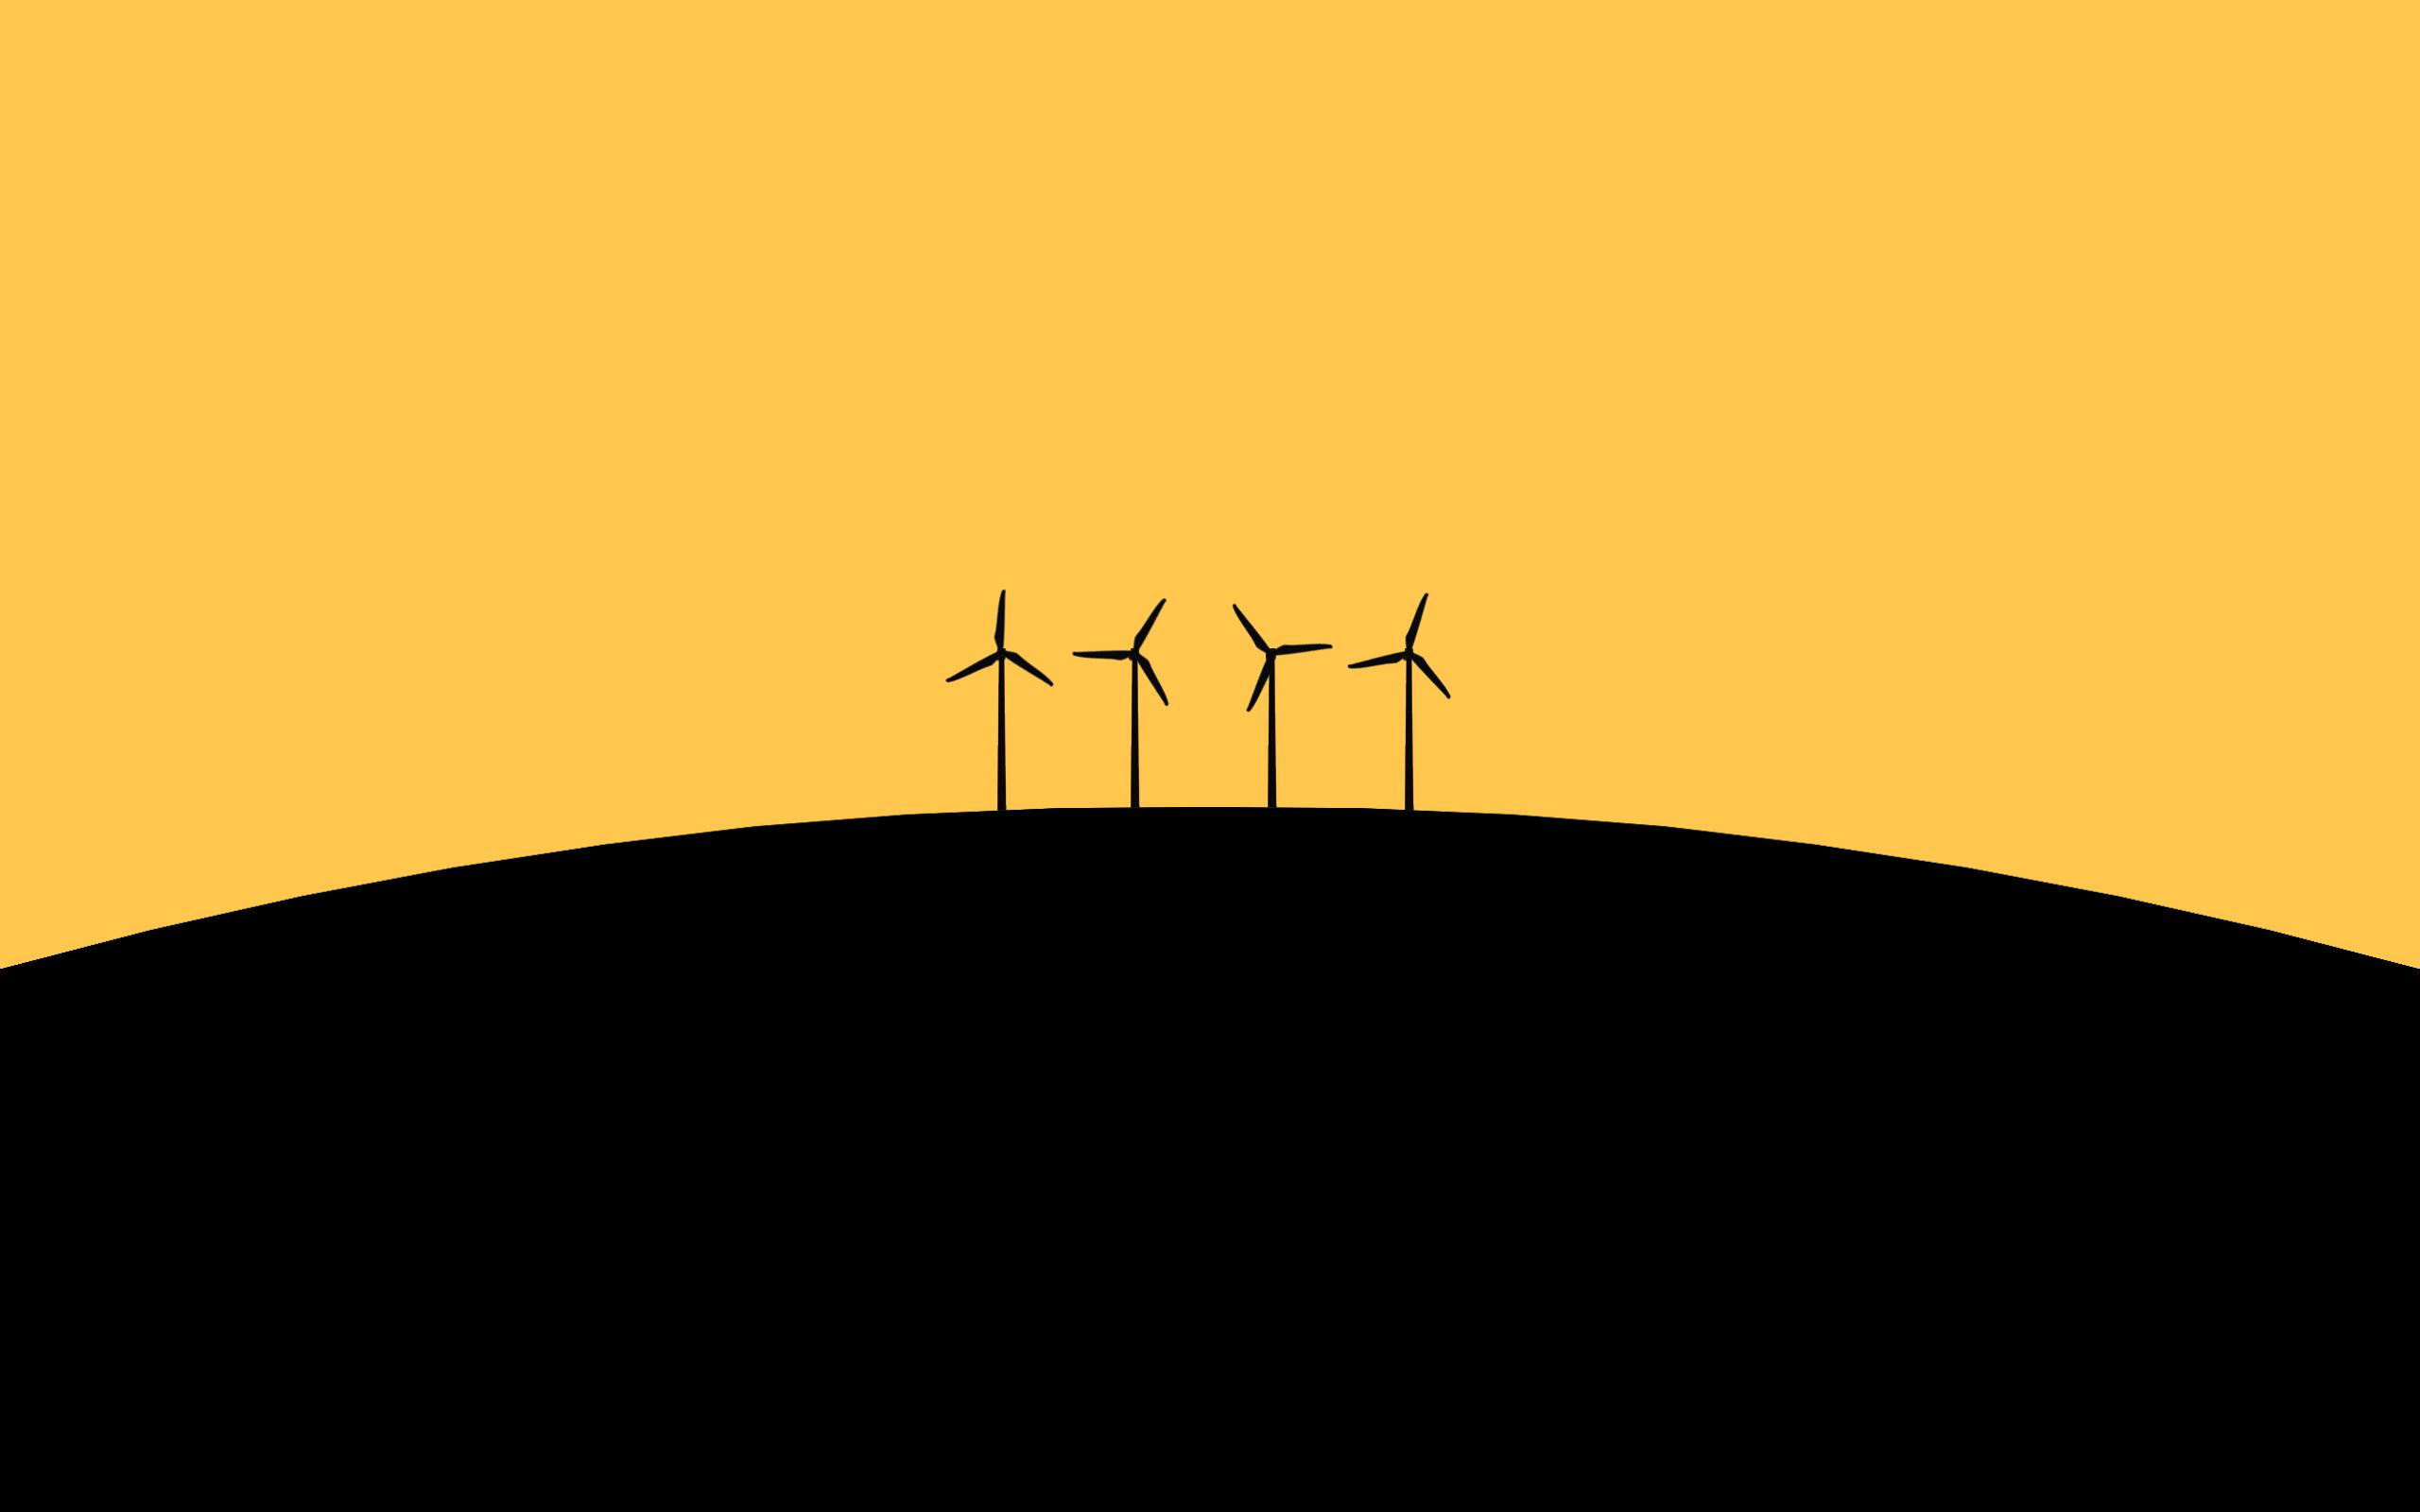 minimal windmill wallpaper background 61419